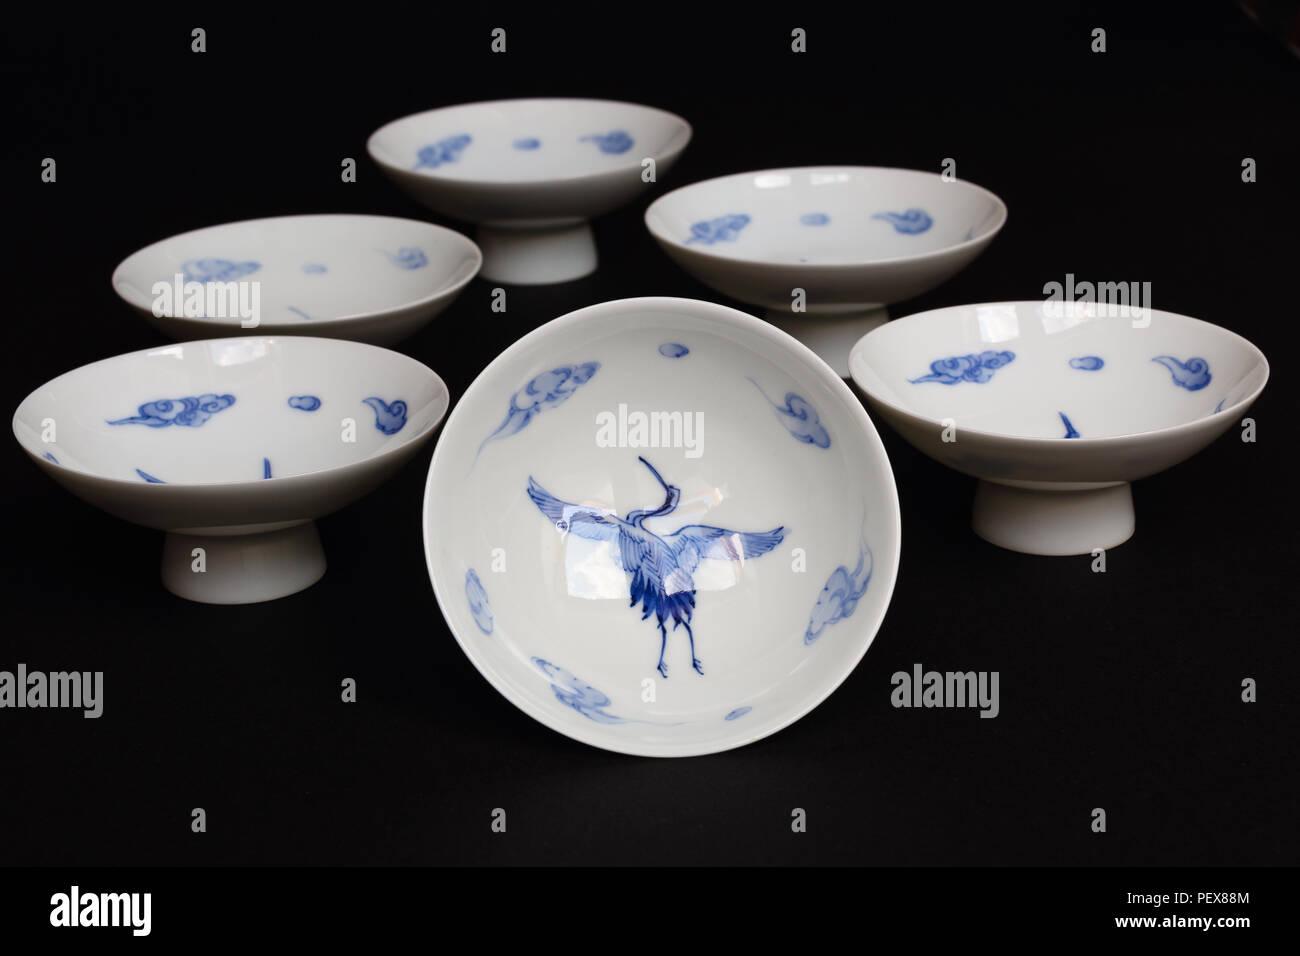 Blau Und Weiss Japanisches Porzellan Stockfotografie Alamy